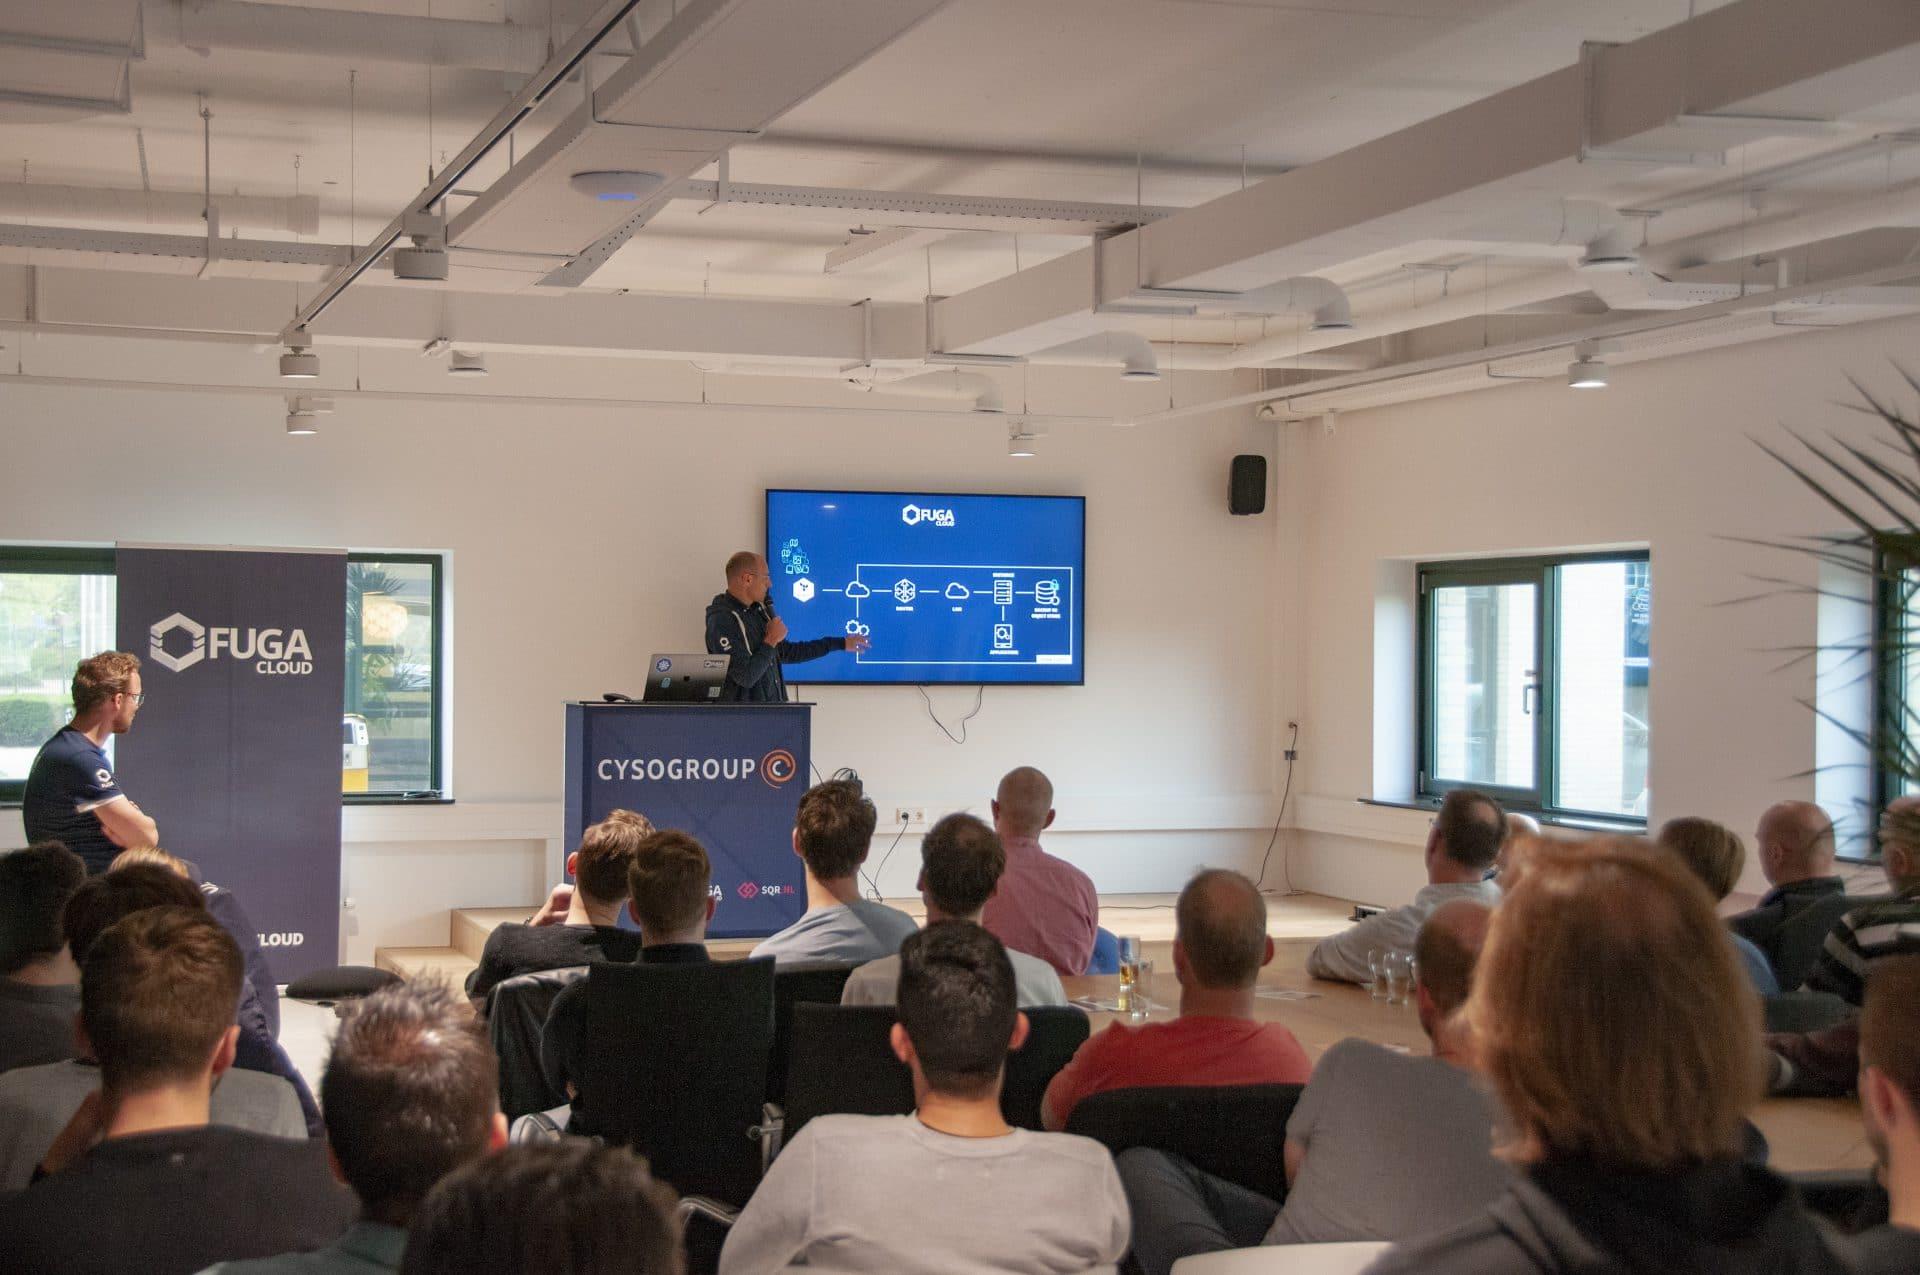 presentatie tijdens developer meetup - webinars